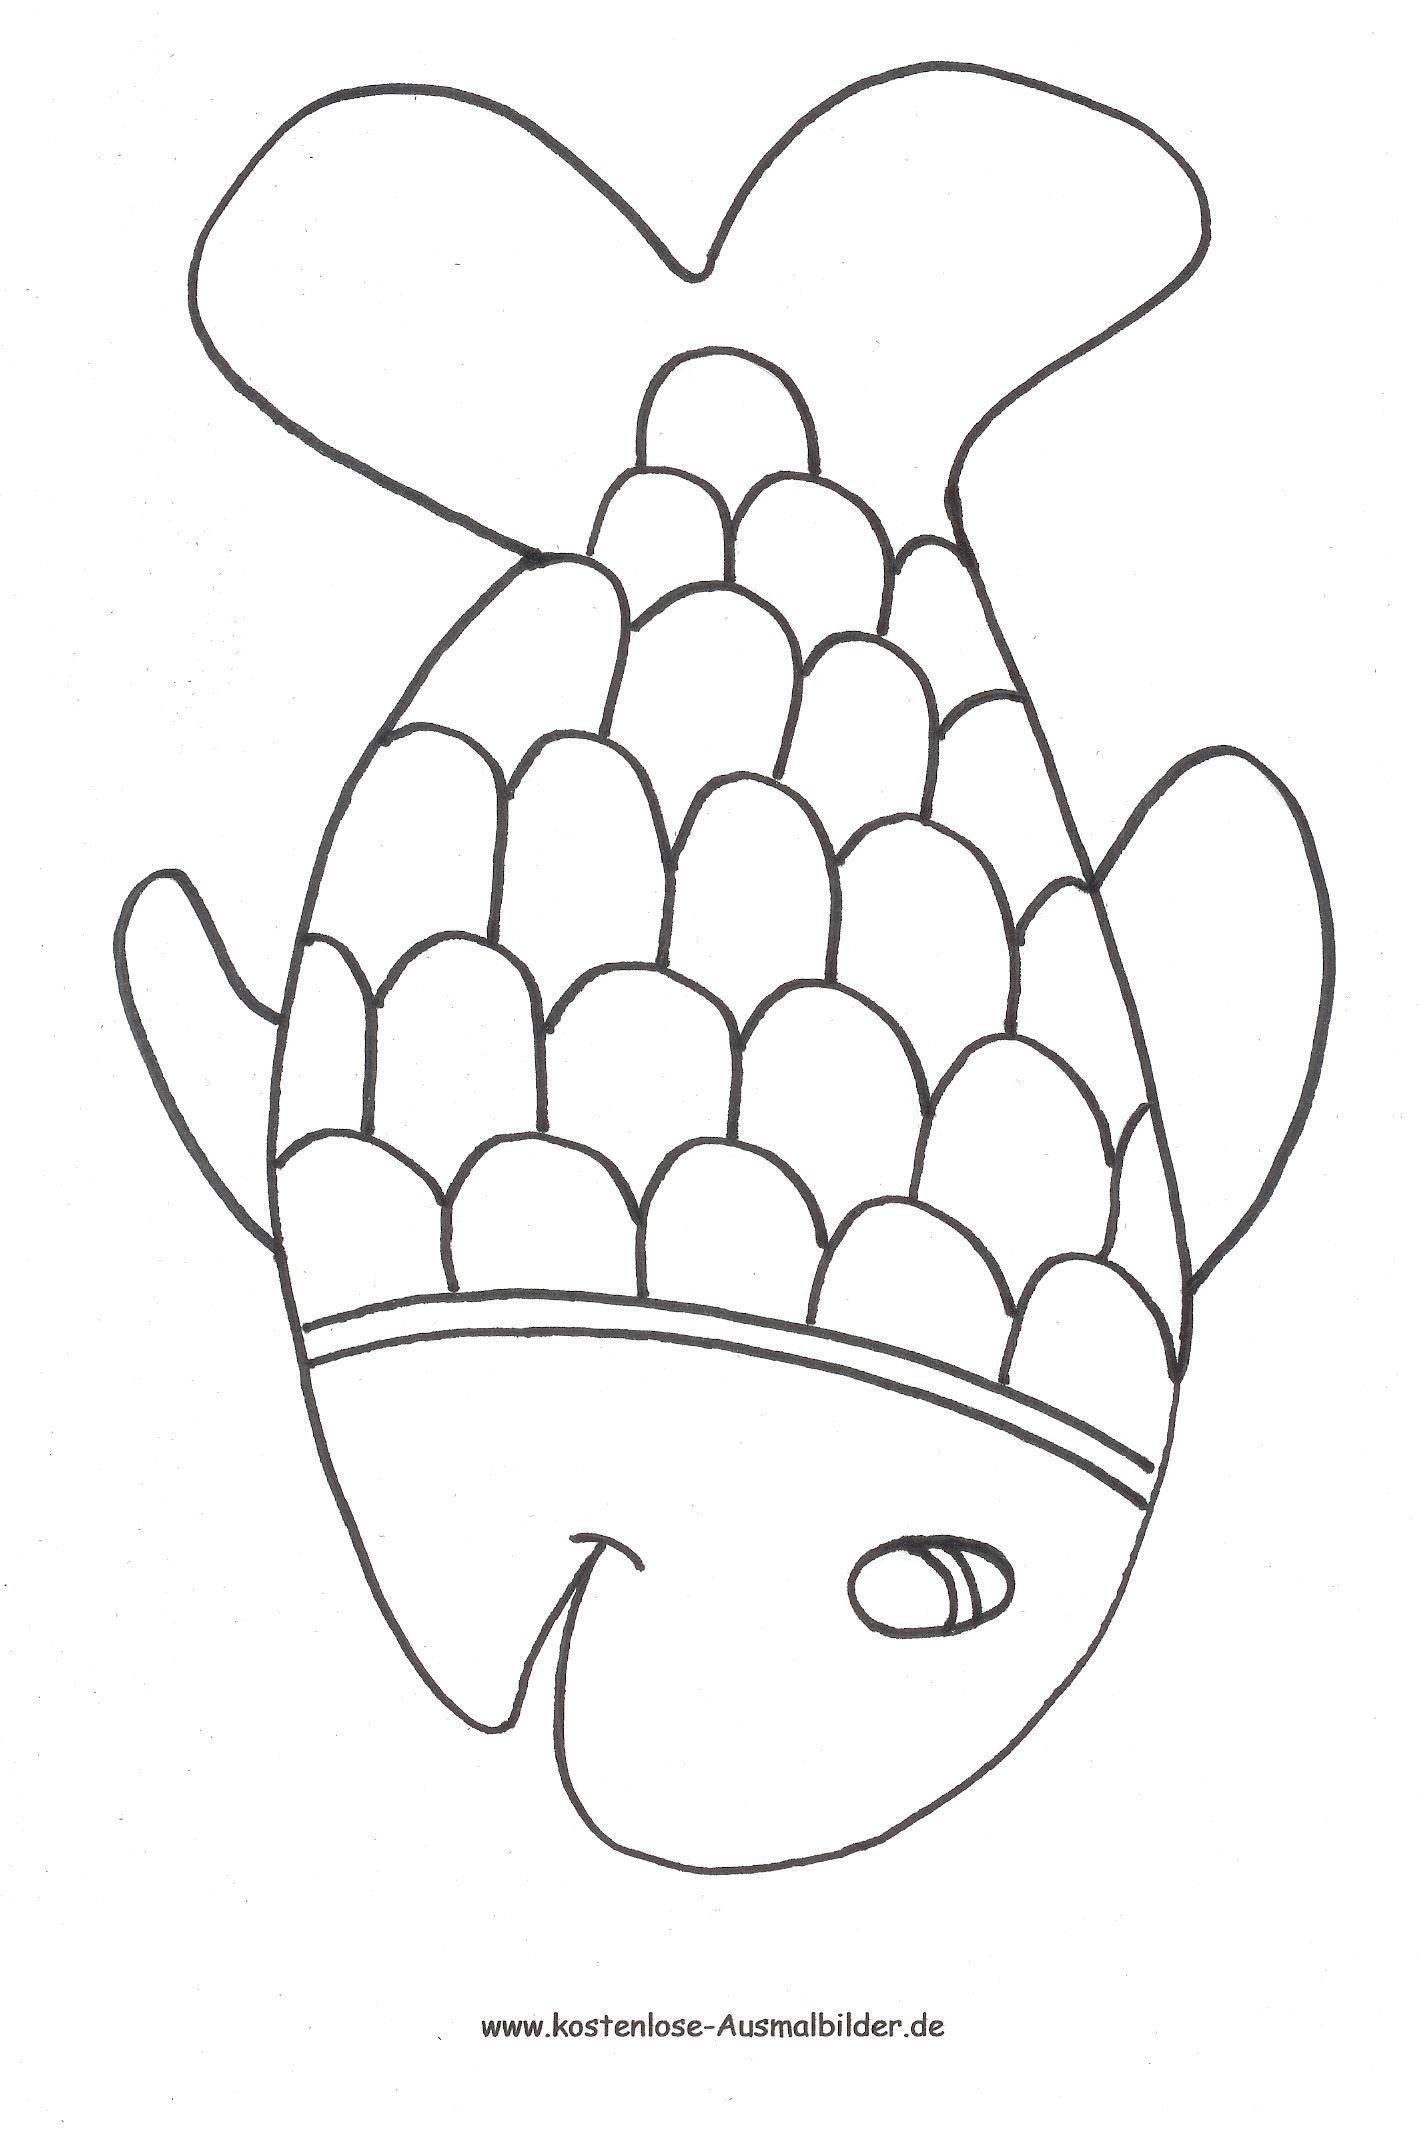 ausmalbilder fische gratis – Ausmalbilder für kinder | Malvorlagen